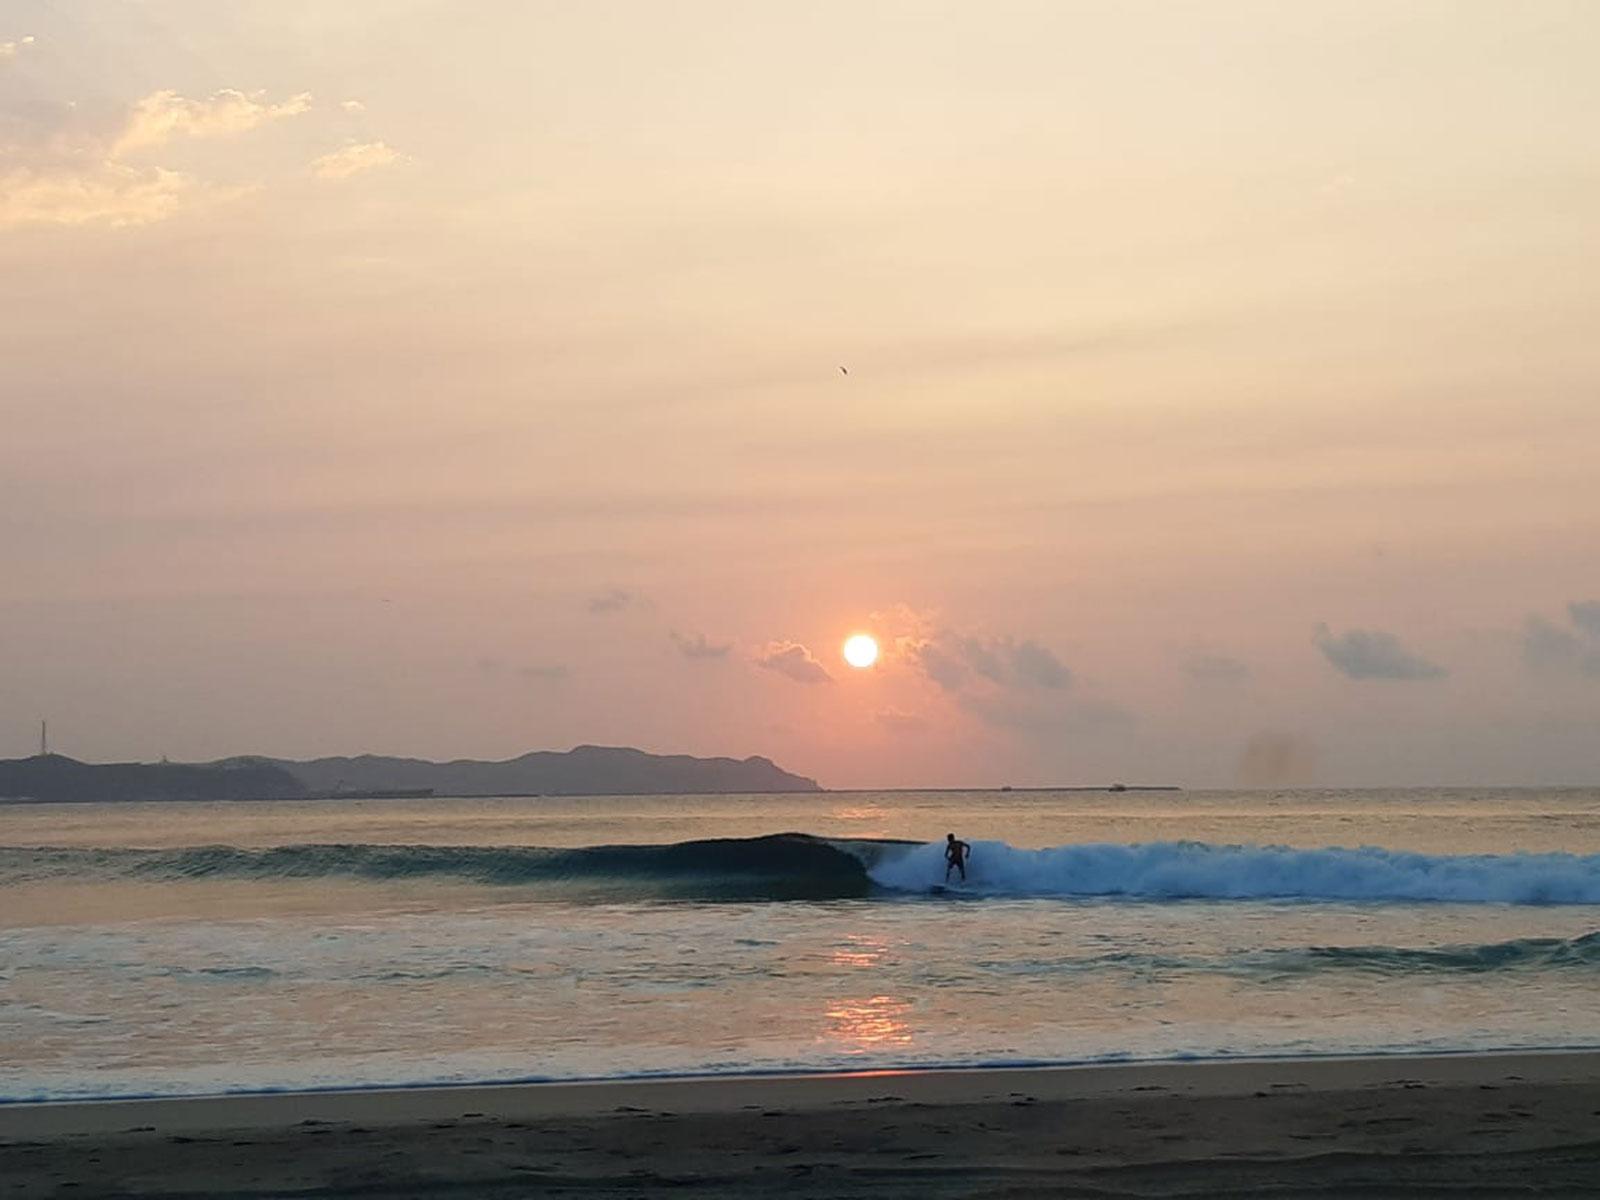 Las Palmeras Surf Camp, Punta Conejo, Salina Cruz, Oaxaca, Mexico